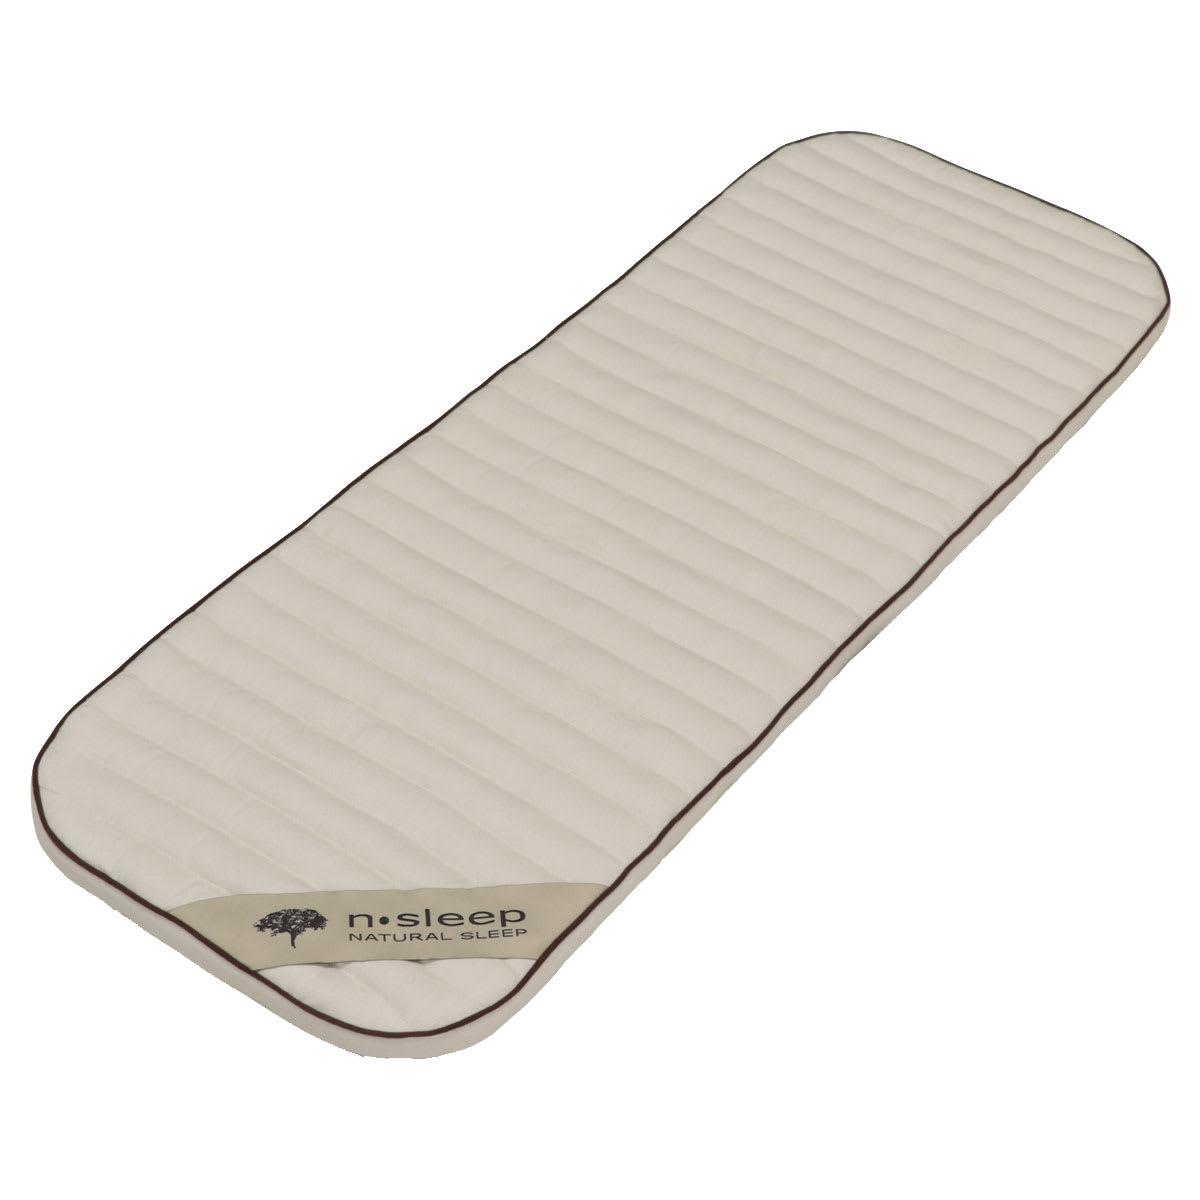 36 x 96 cm - Kapok naturfibre - Allergivenlig med god ventilation